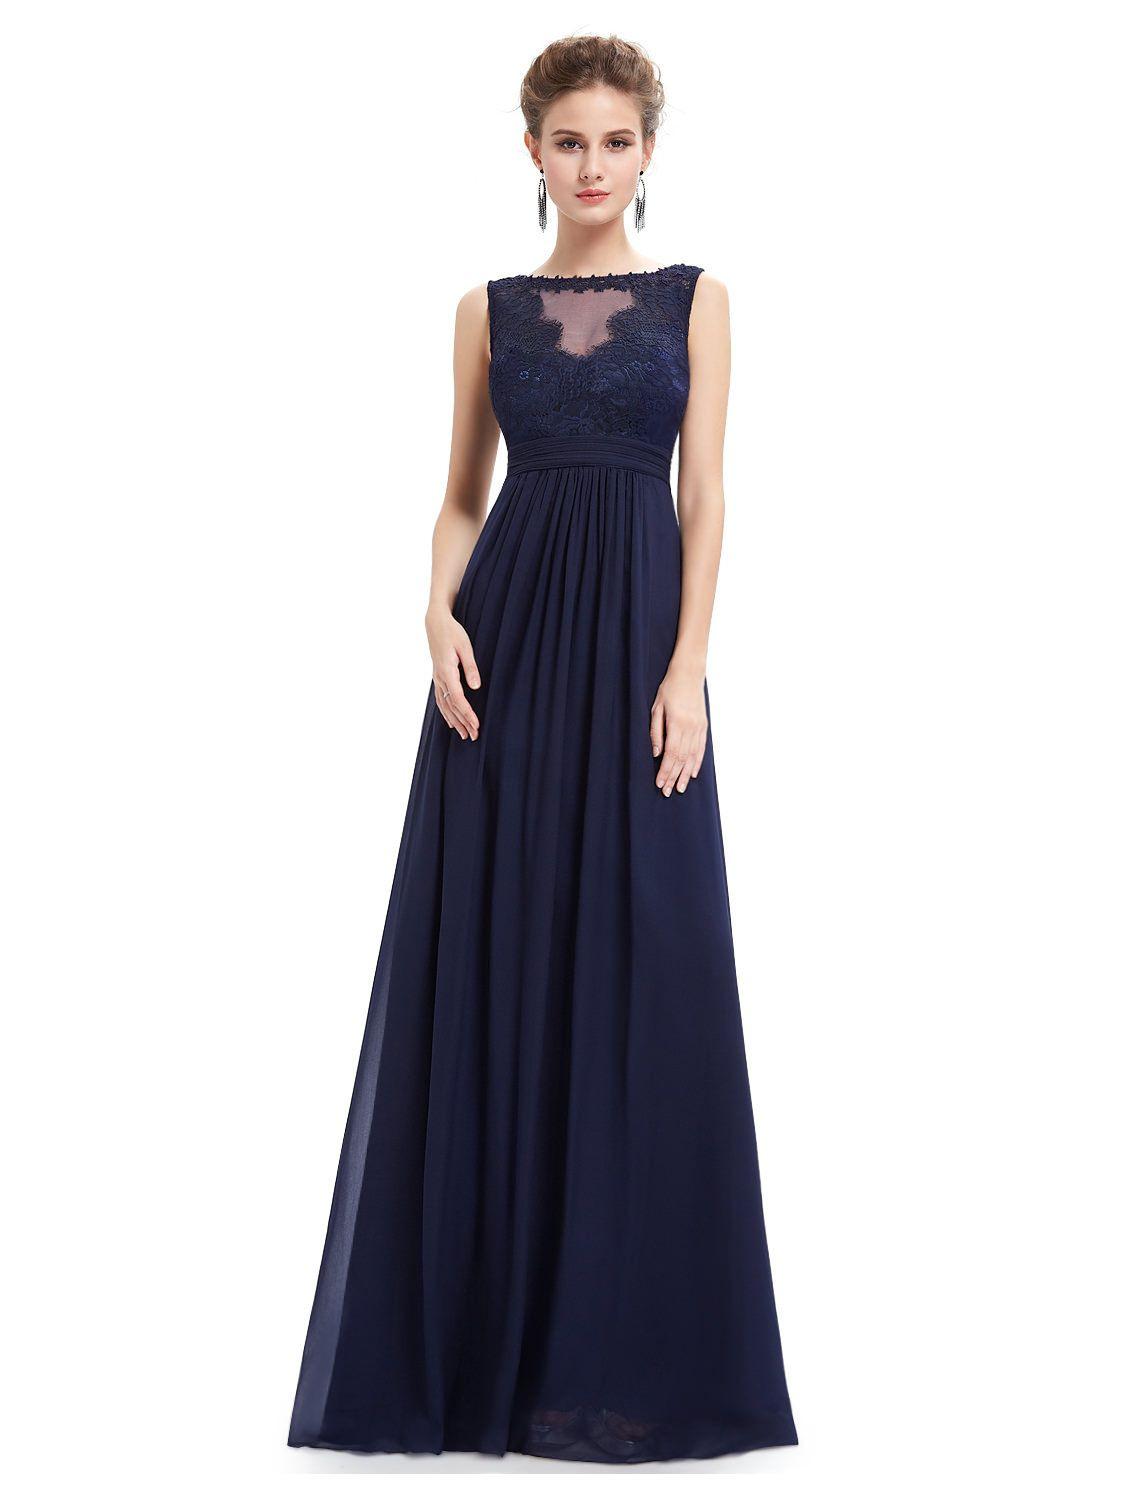 Formal Großartig Langes Blaues Kleid Galerie10 Coolste Langes Blaues Kleid Spezialgebiet